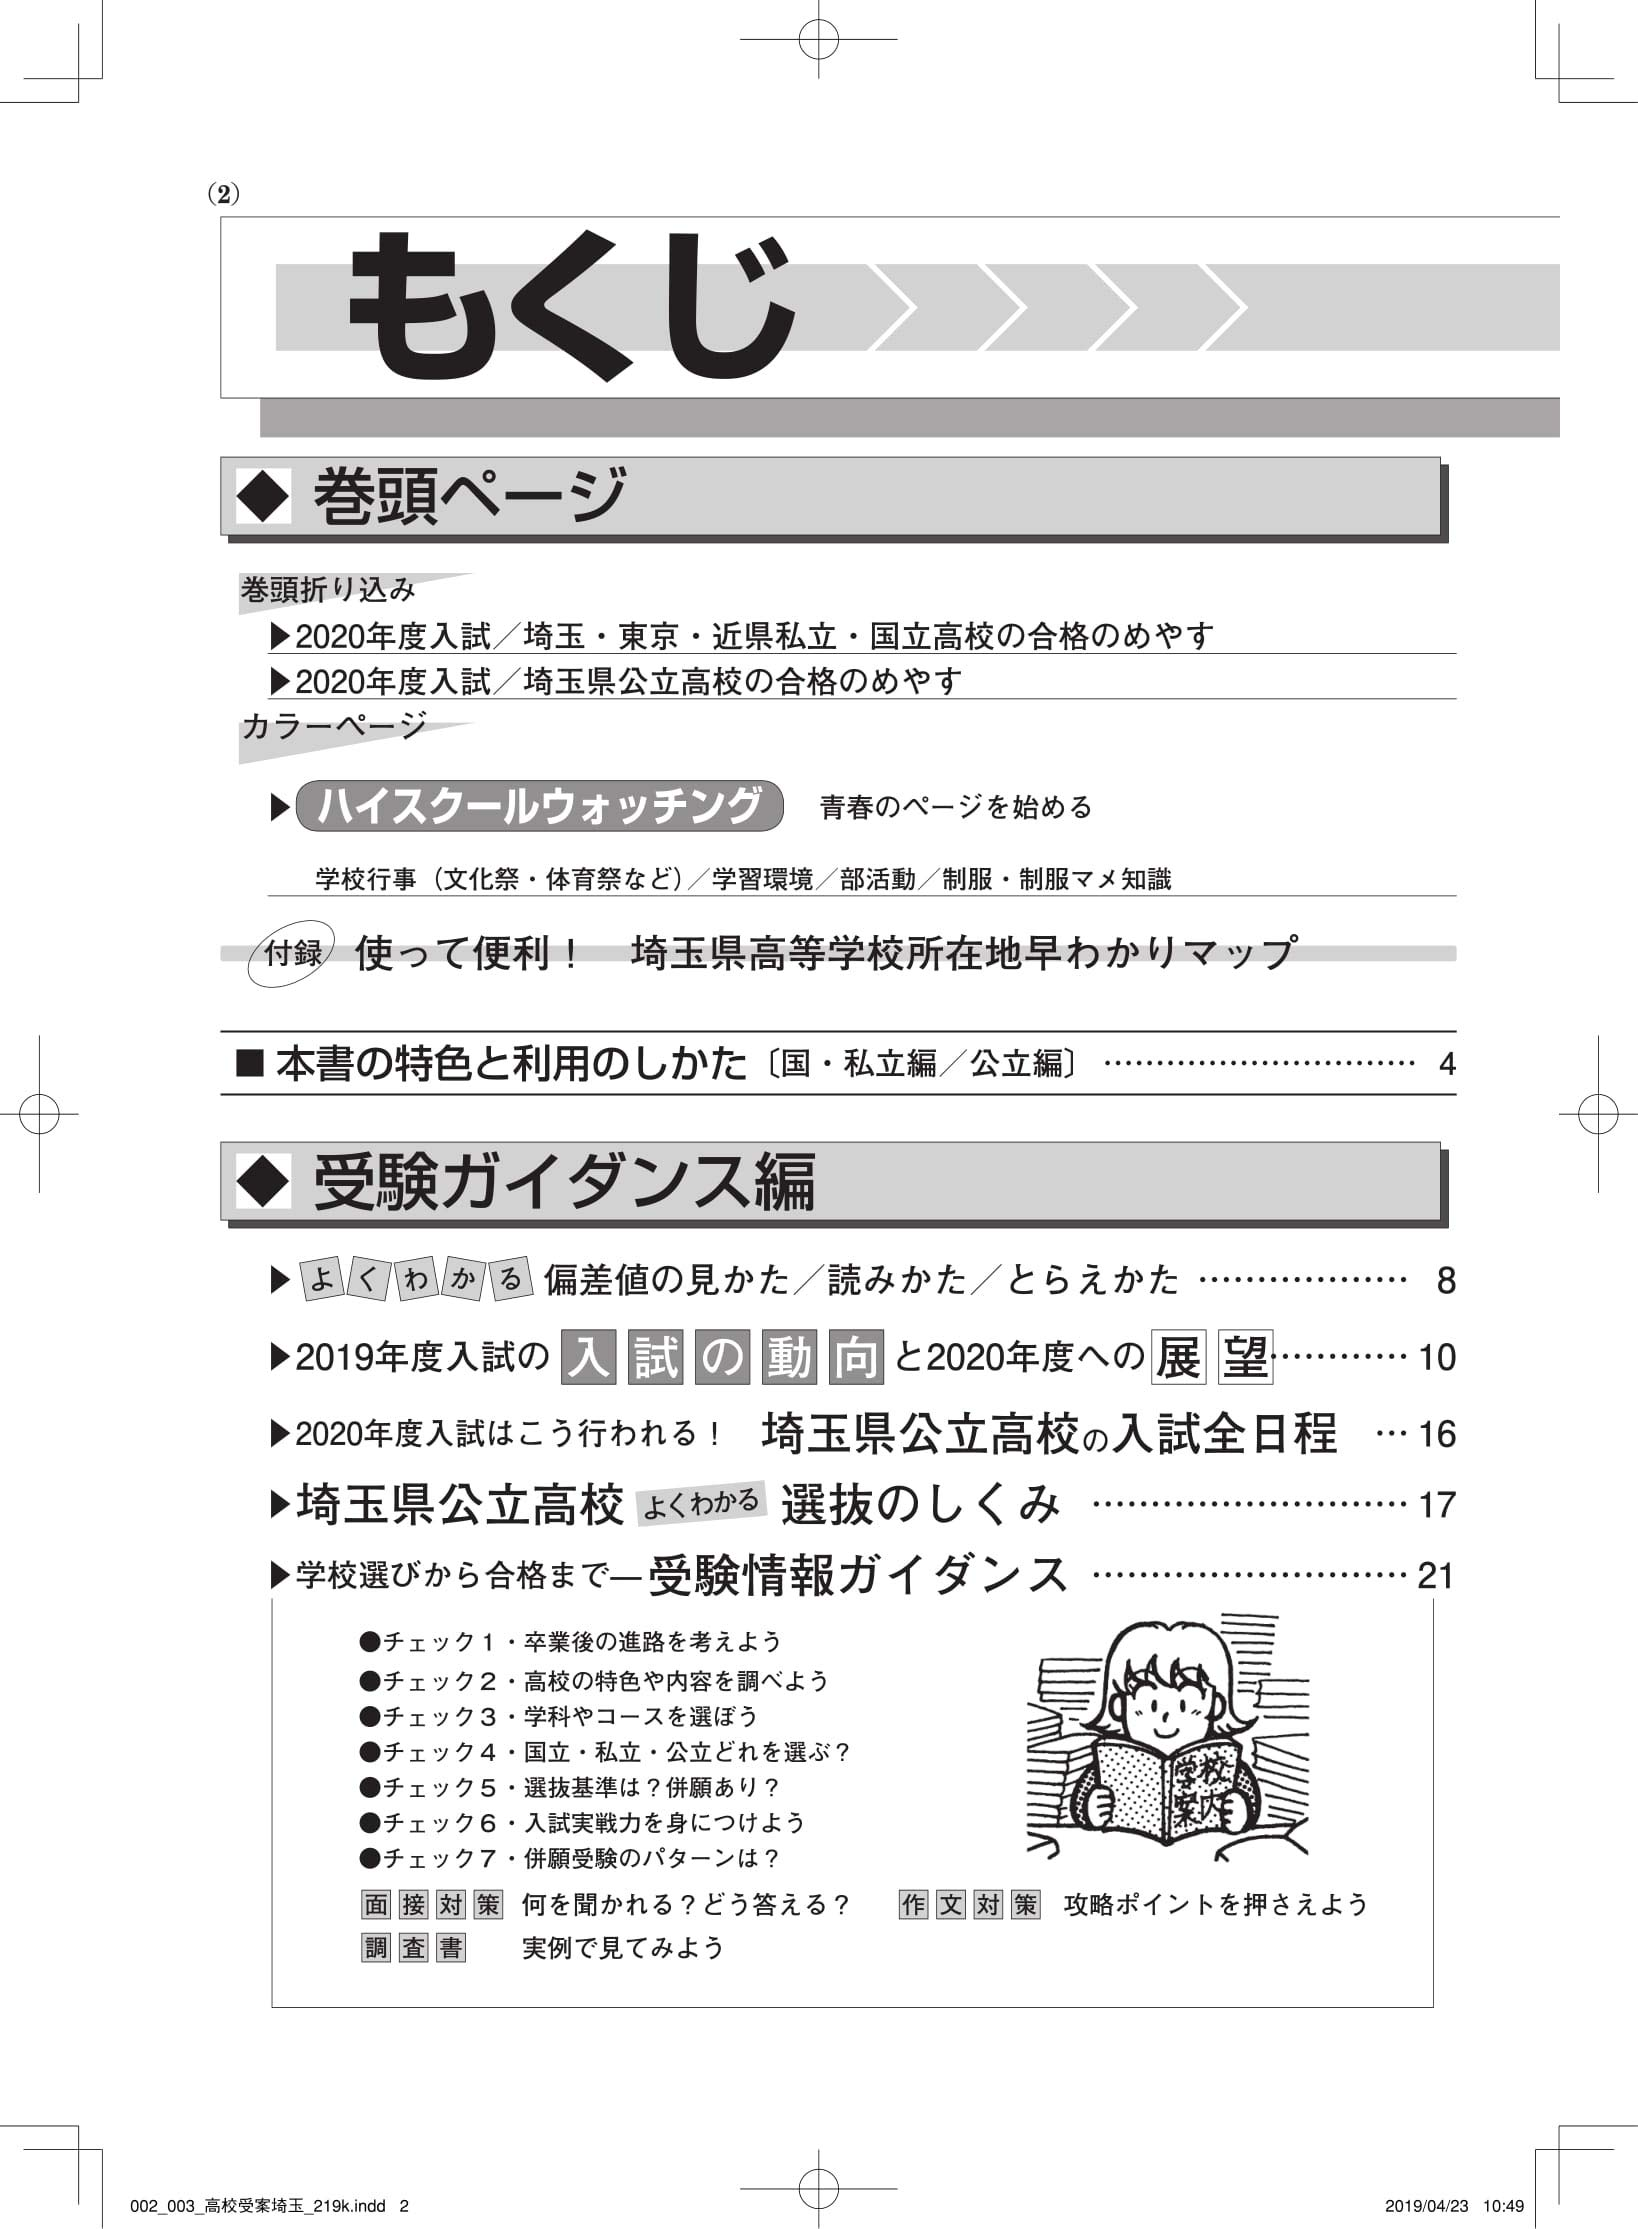 県 値 埼玉 高校 偏差